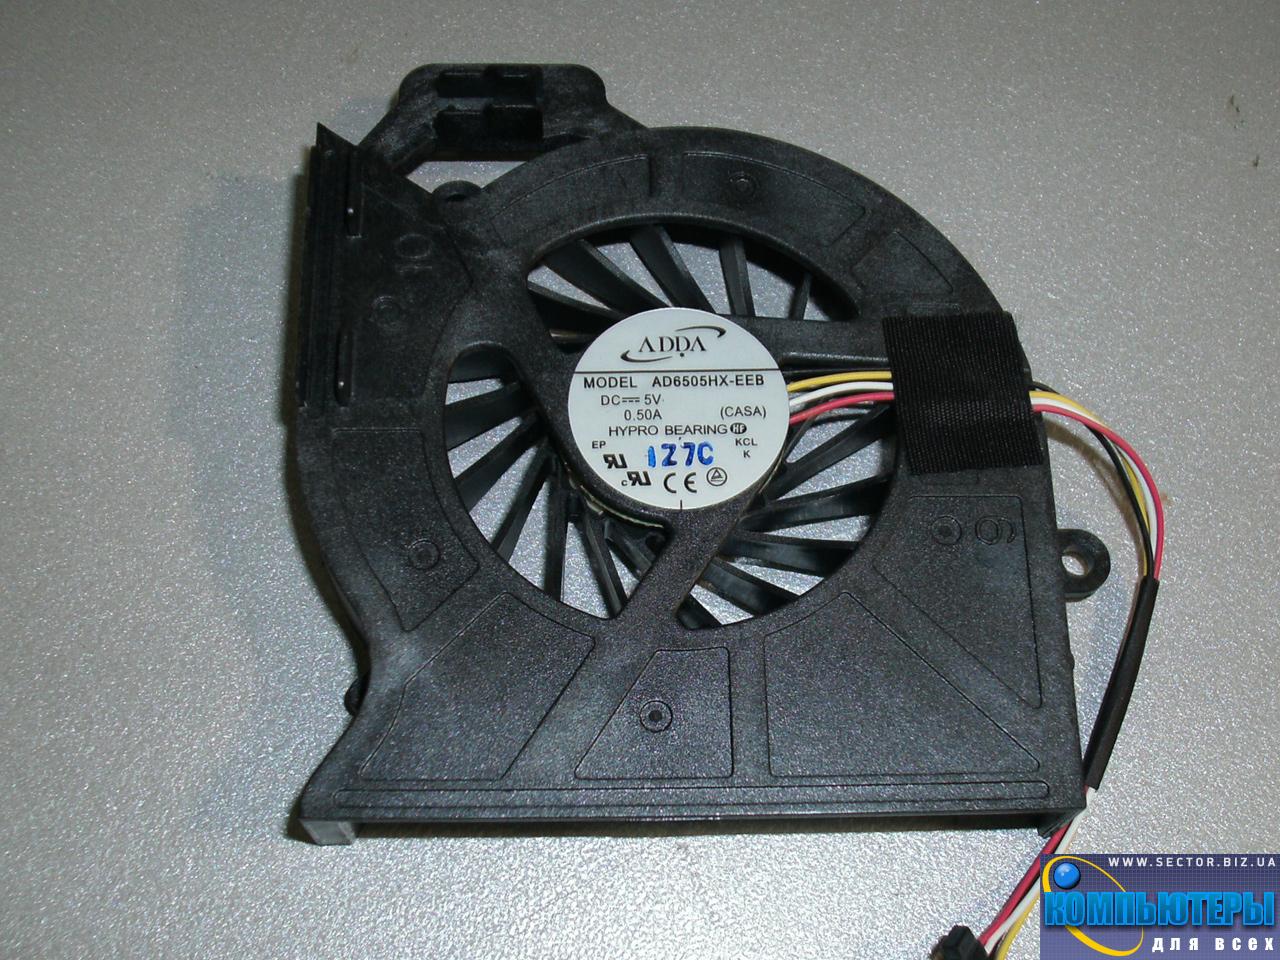 Кулер к ноутбуку HP Pavilion DV6-6200 DV6-6b00 DV6-6c00 DV7-6000 ProBook 4530S p/n: AD6505HX-EEB (CASA). Фото № 5.